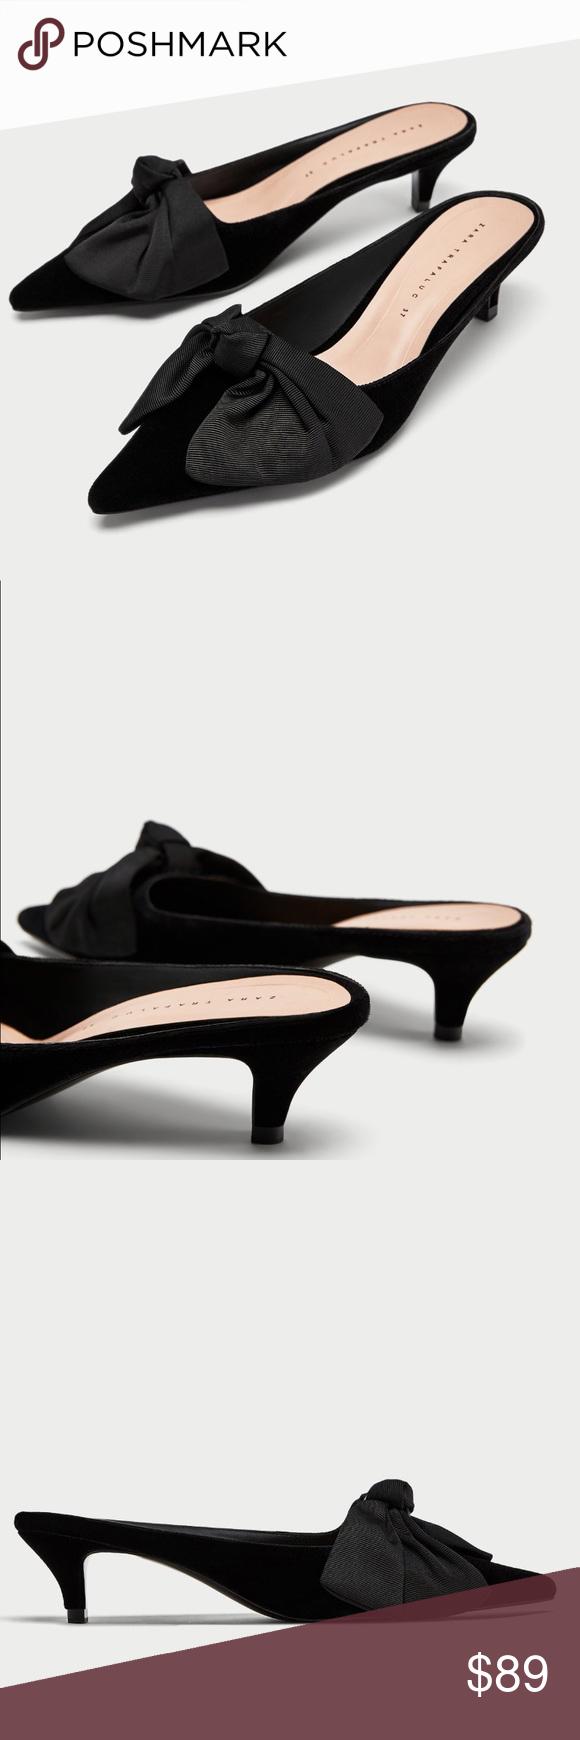 Zara Black Velvet Ribbon Kitten Heel Mule Slides Nwt Black Velvet Bow Zara Black Heels